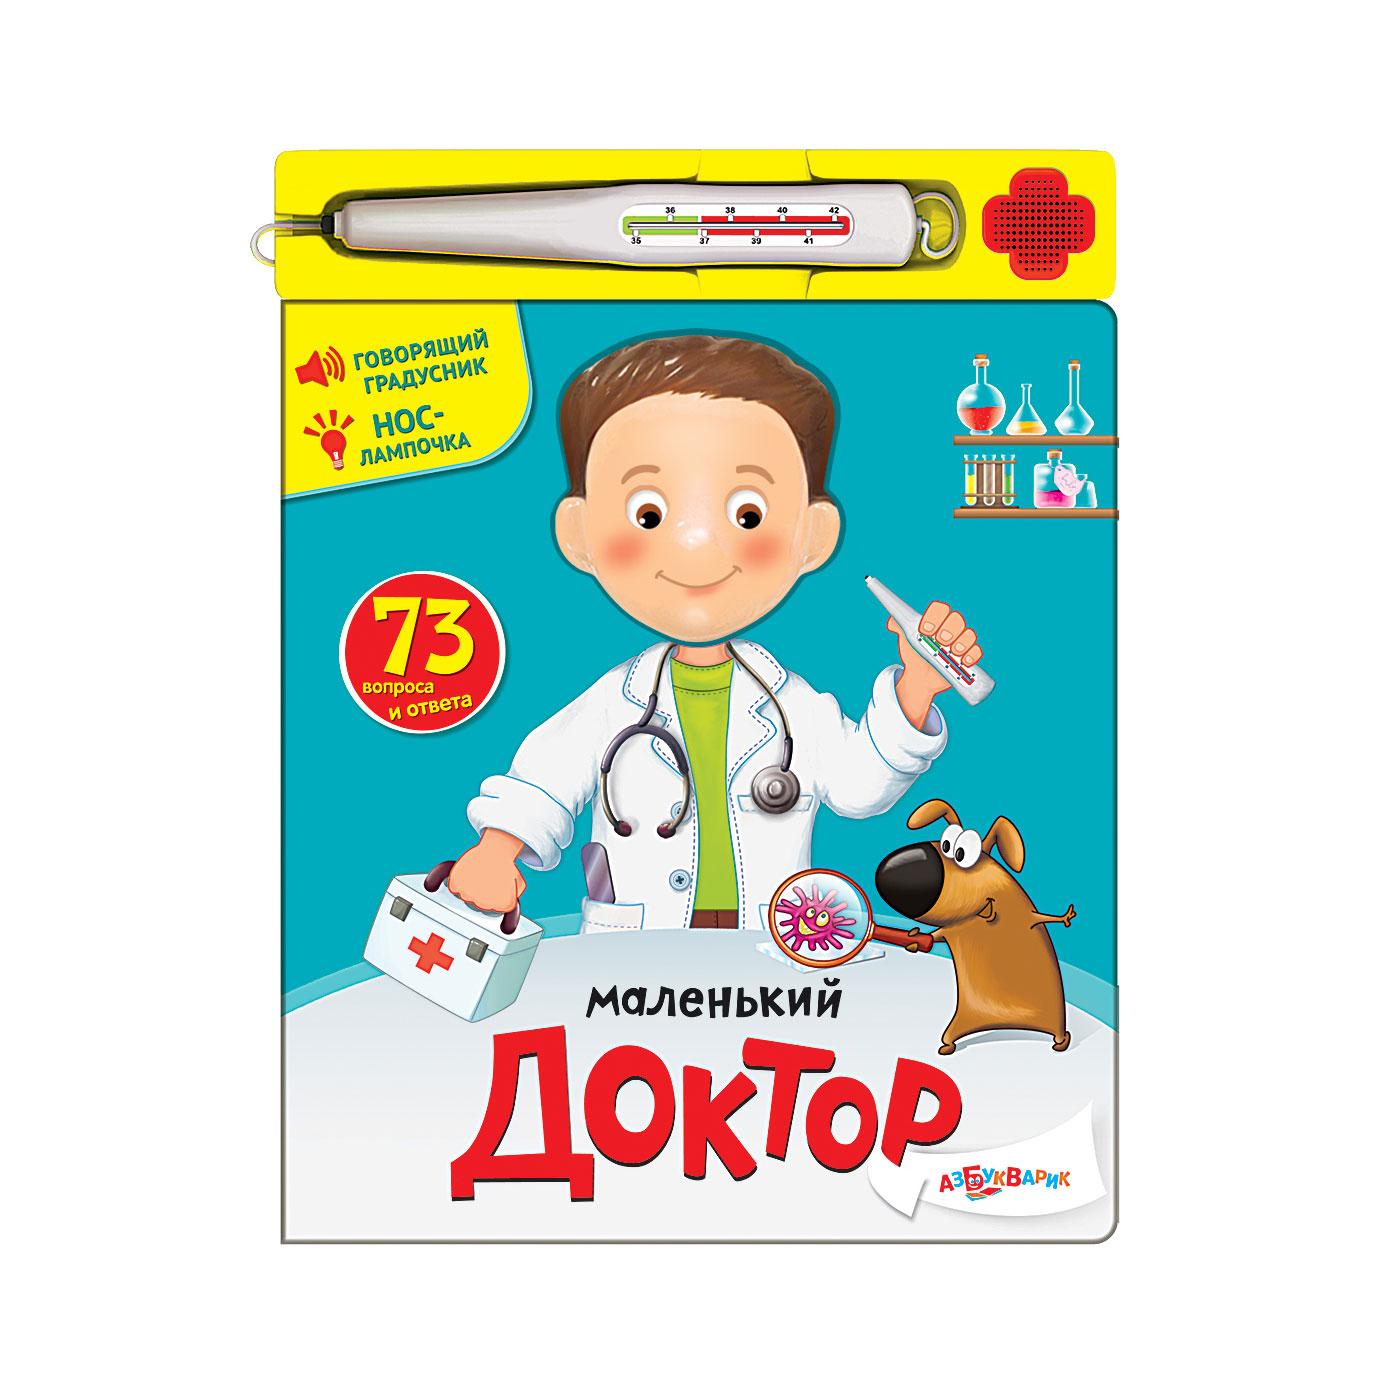 Книга Азбукварик Обучающие книги Маленький доктор<br>